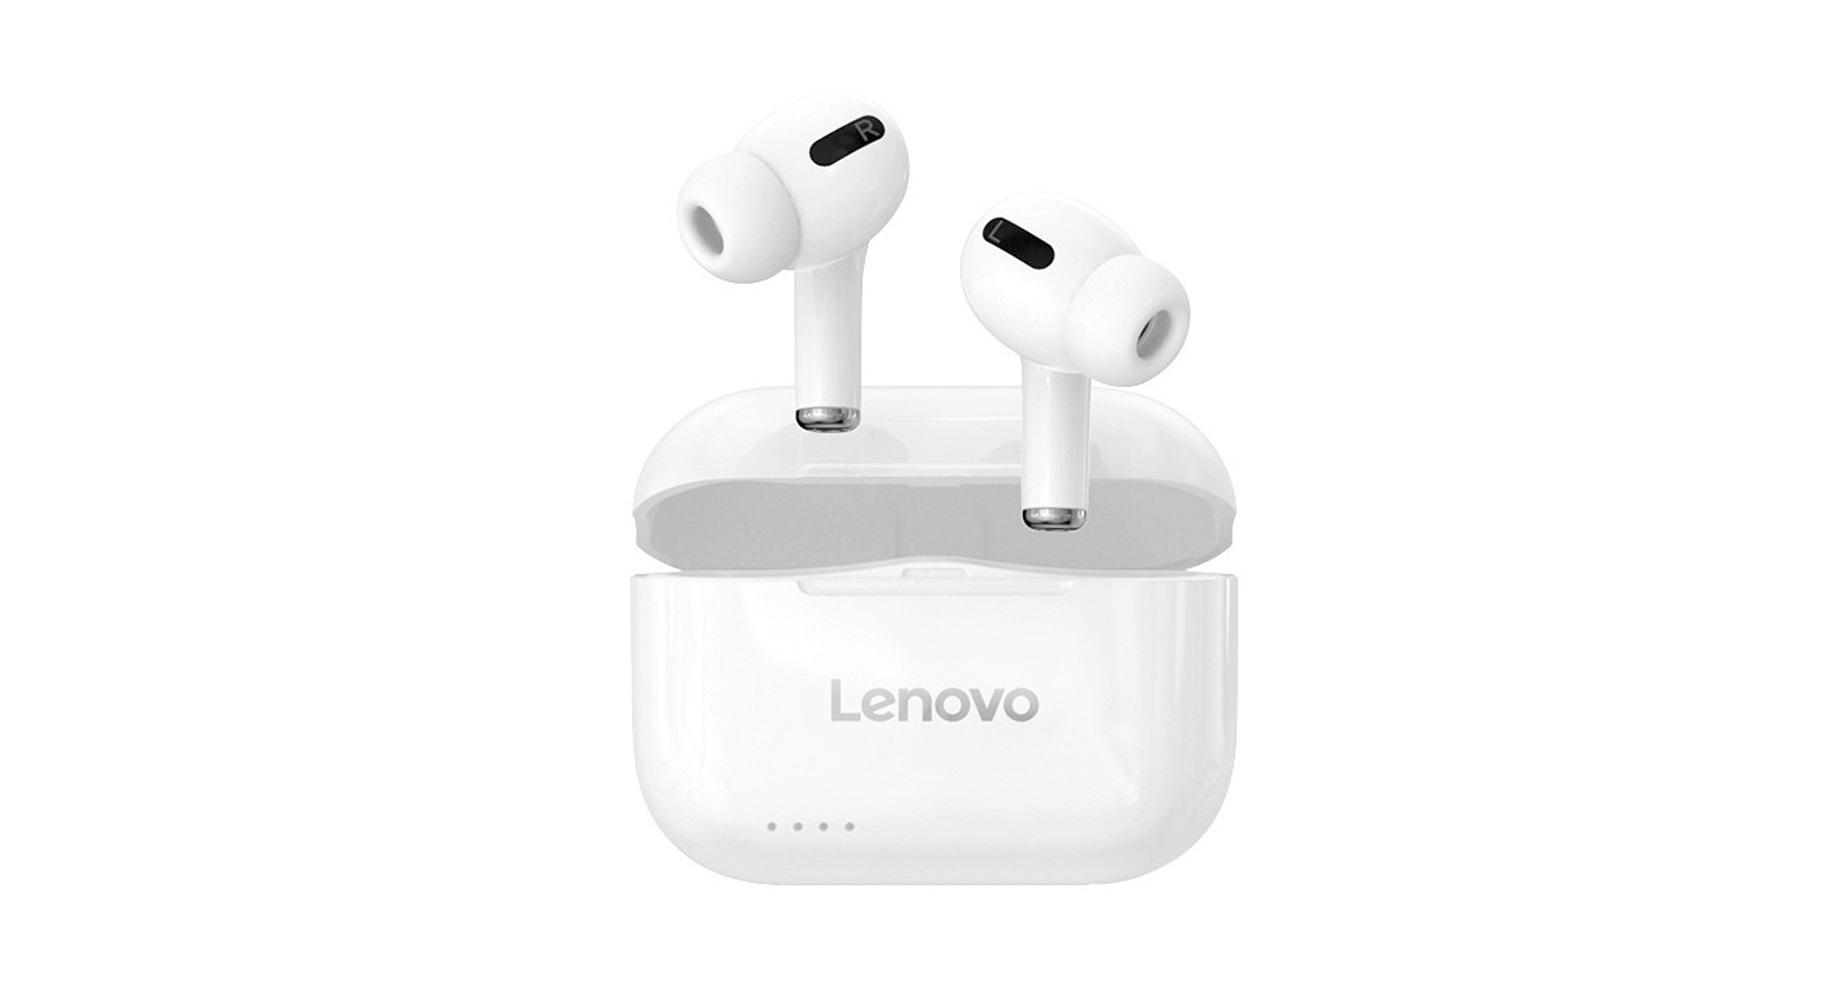 Skvělá sluchátka Lenovo LP1S nyní za parádní cenu na TomTop.com! [sponzorovaný článek]